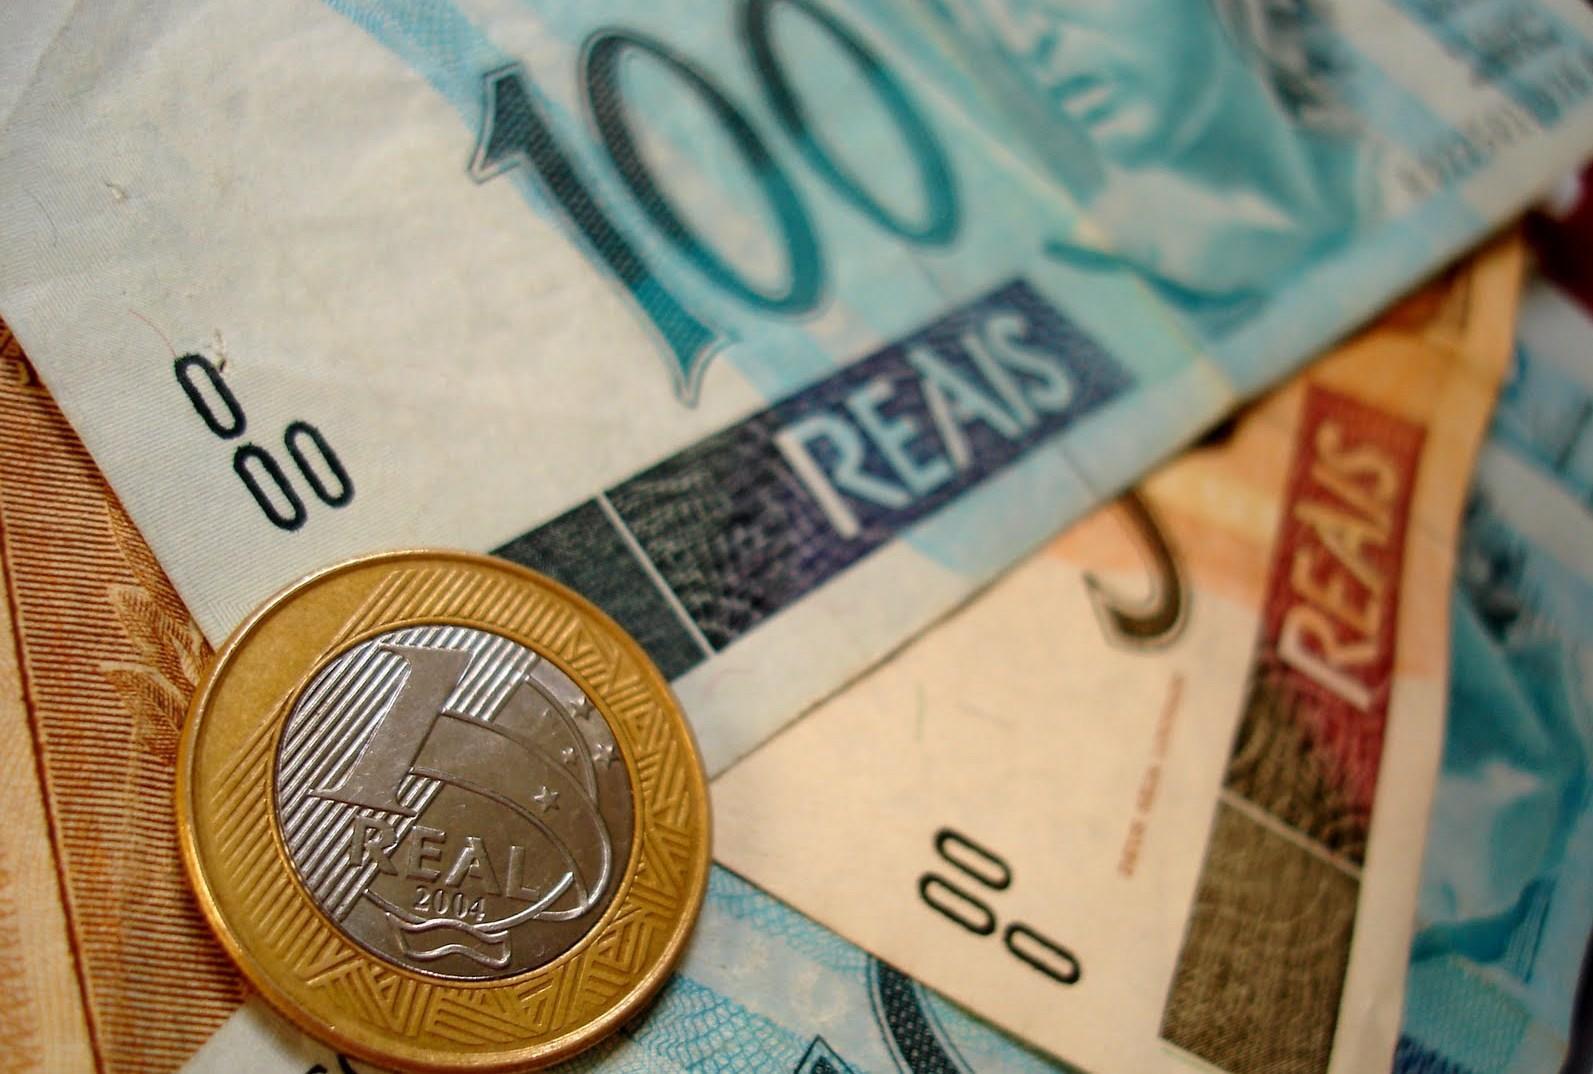 Ministério do Trabalho prorroga o prazo para o saque do abono salarial ano-base 2014